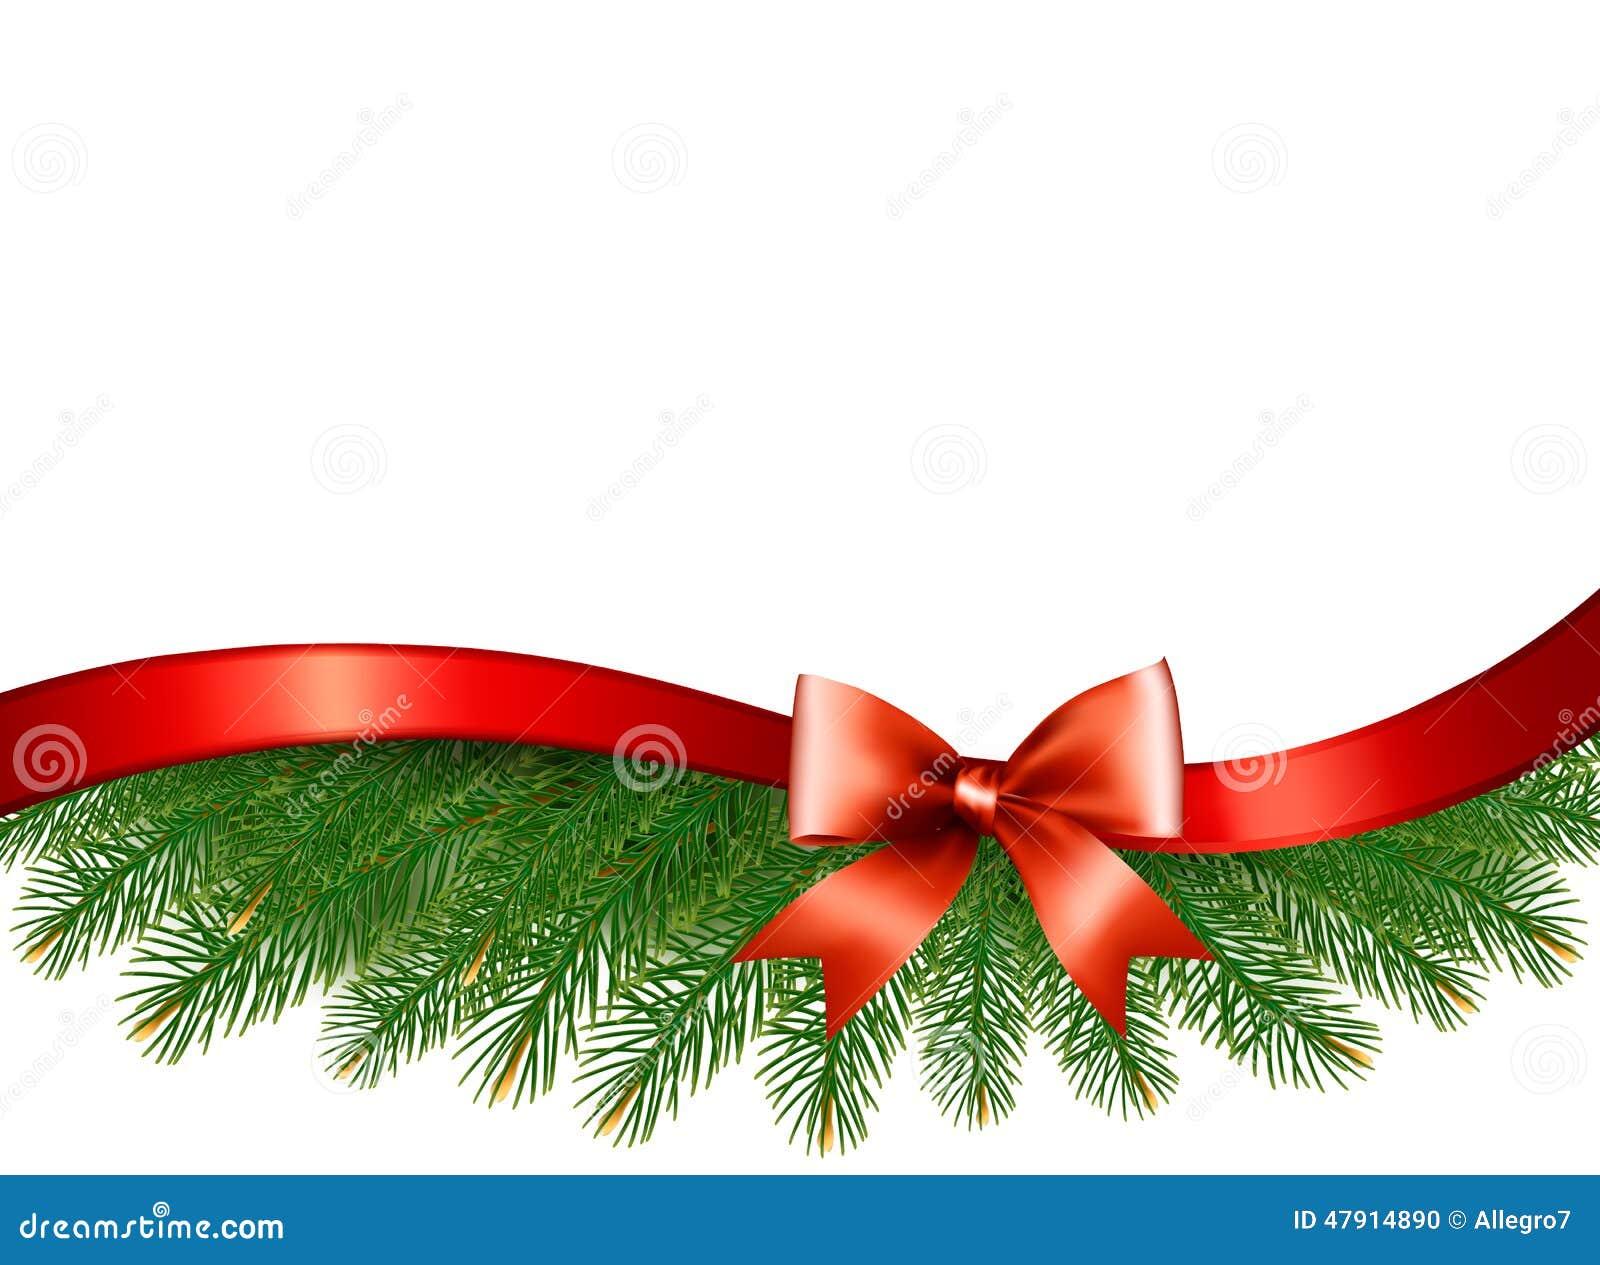 Fondo con ramas de rbol de navidad y una cinta roja - Cinta arbol navidad ...